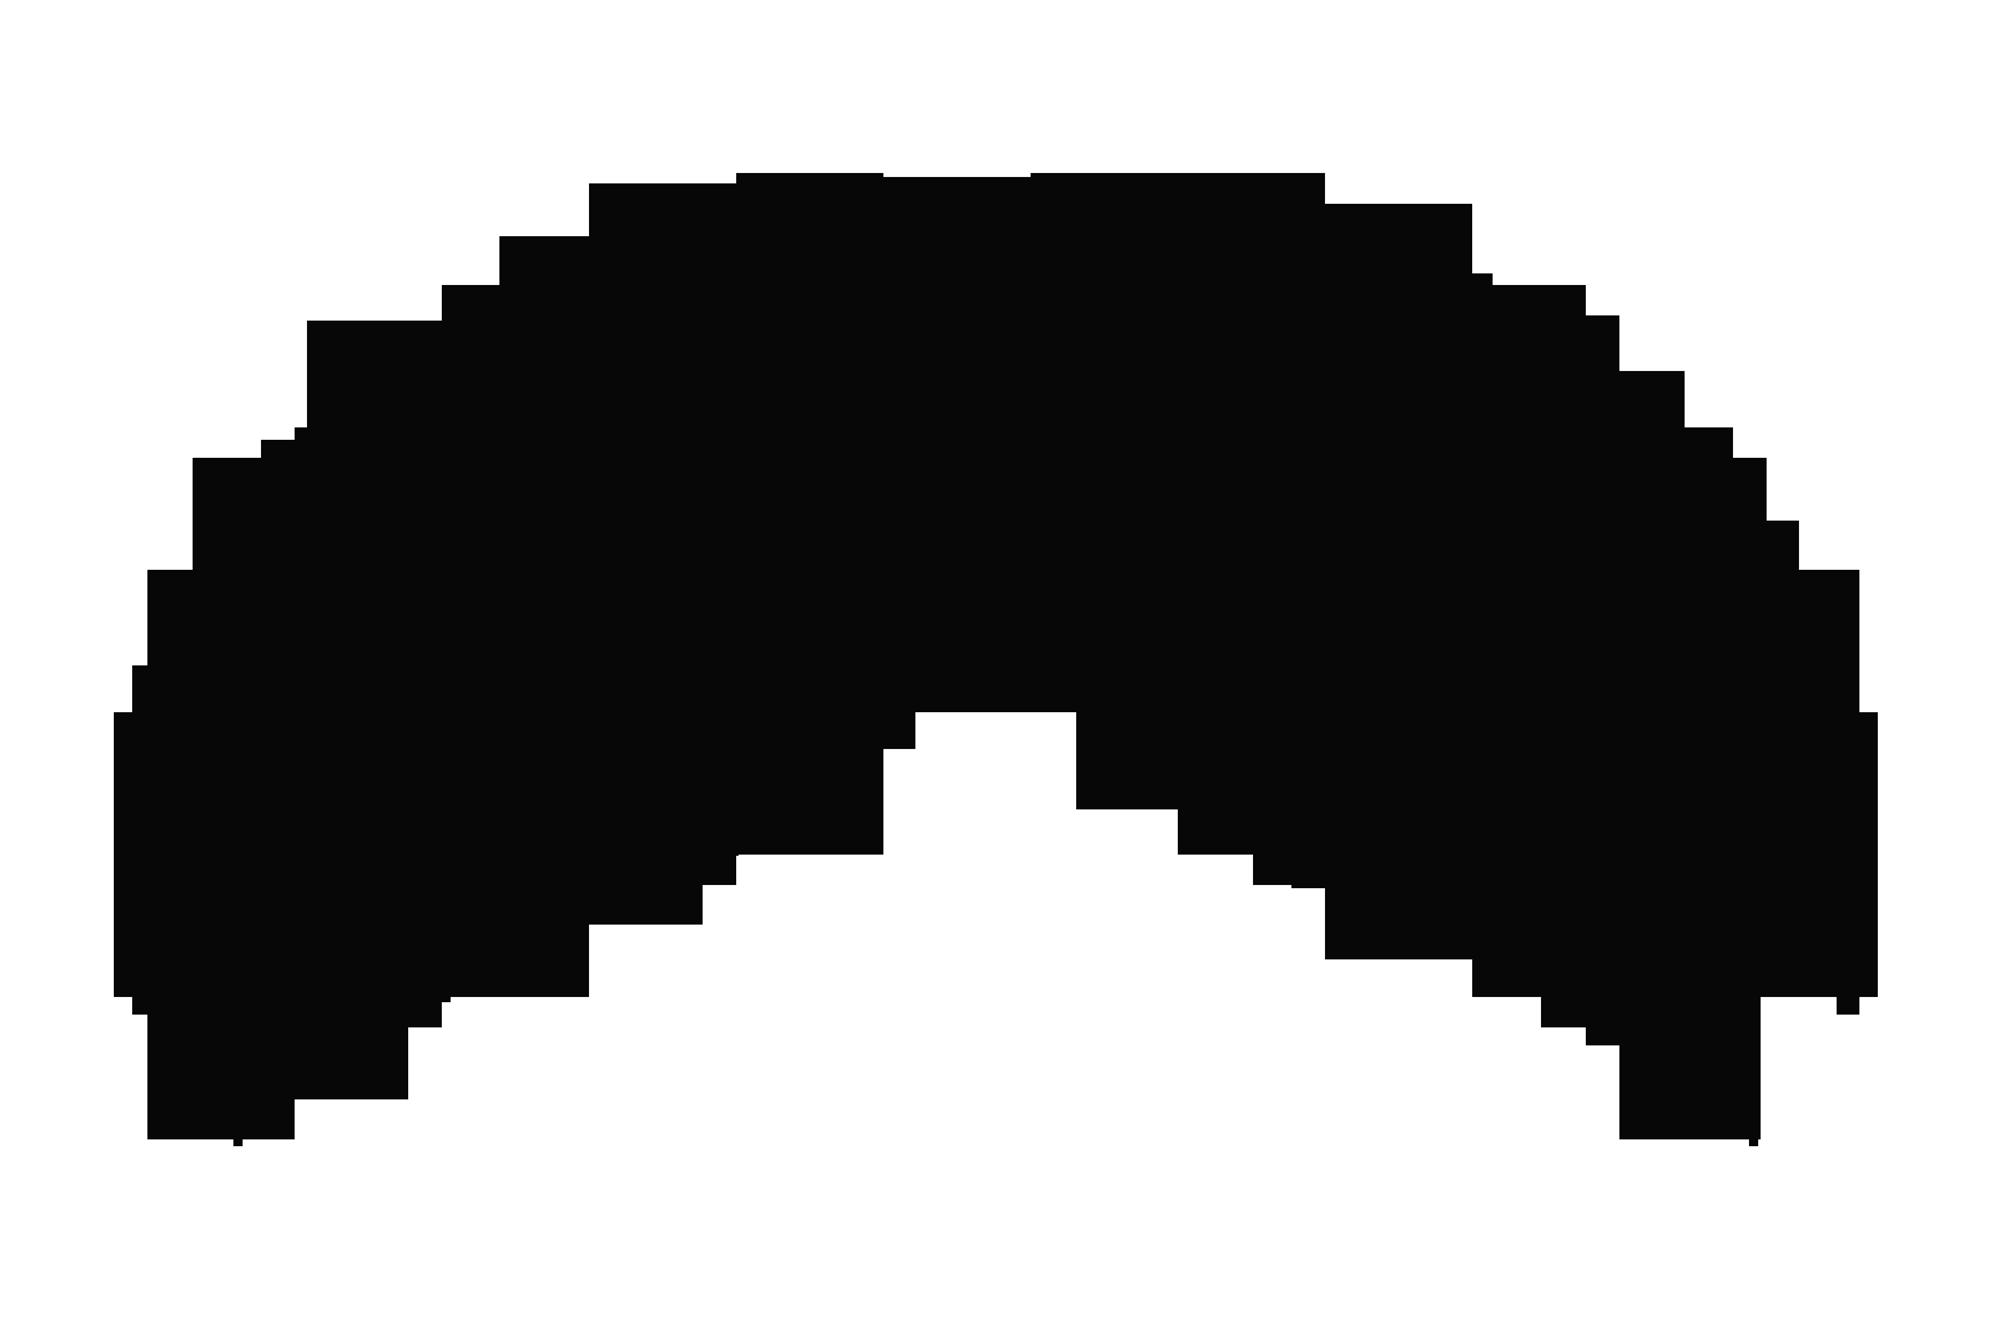 Moustache clipart vector. Png transparent images pluspng